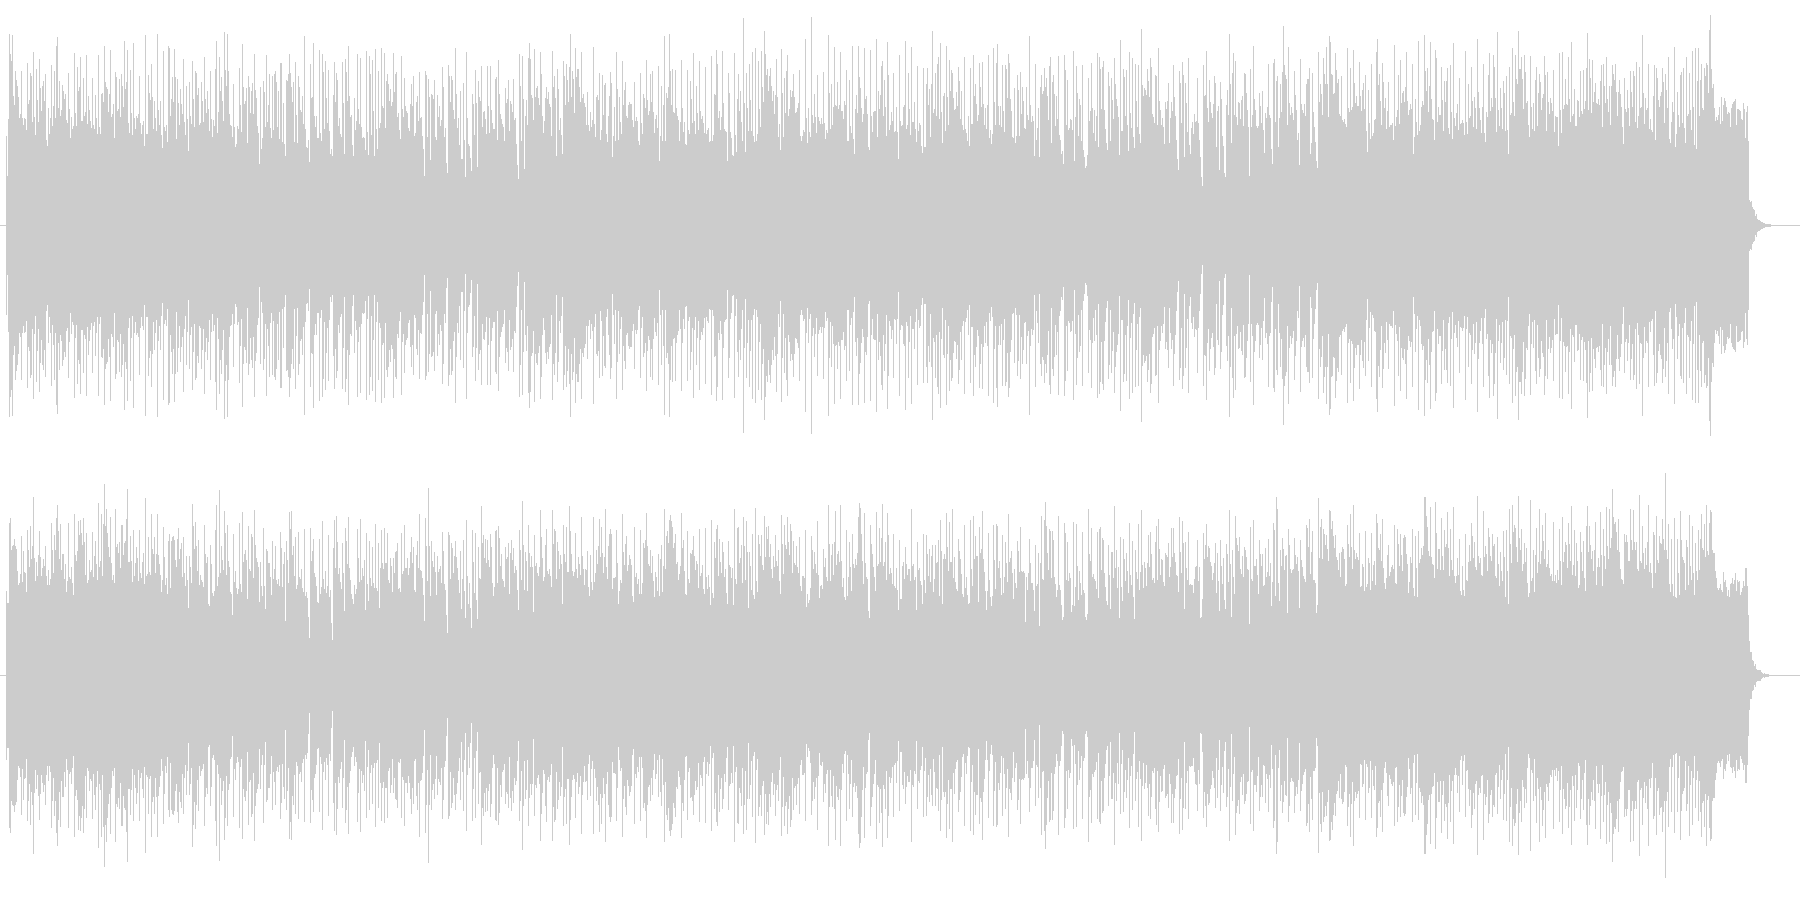 シンセサイザーを使った未来的な曲の未再生の波形